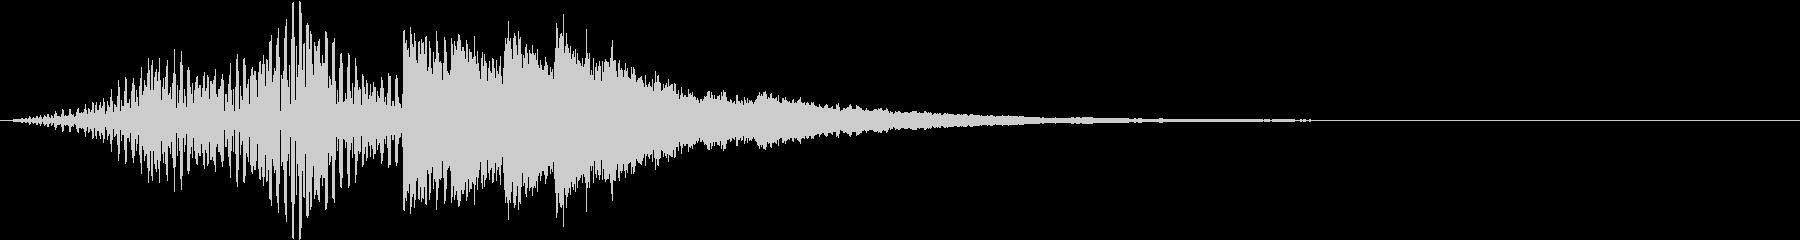 暮らしの音 入店 ベル1の未再生の波形